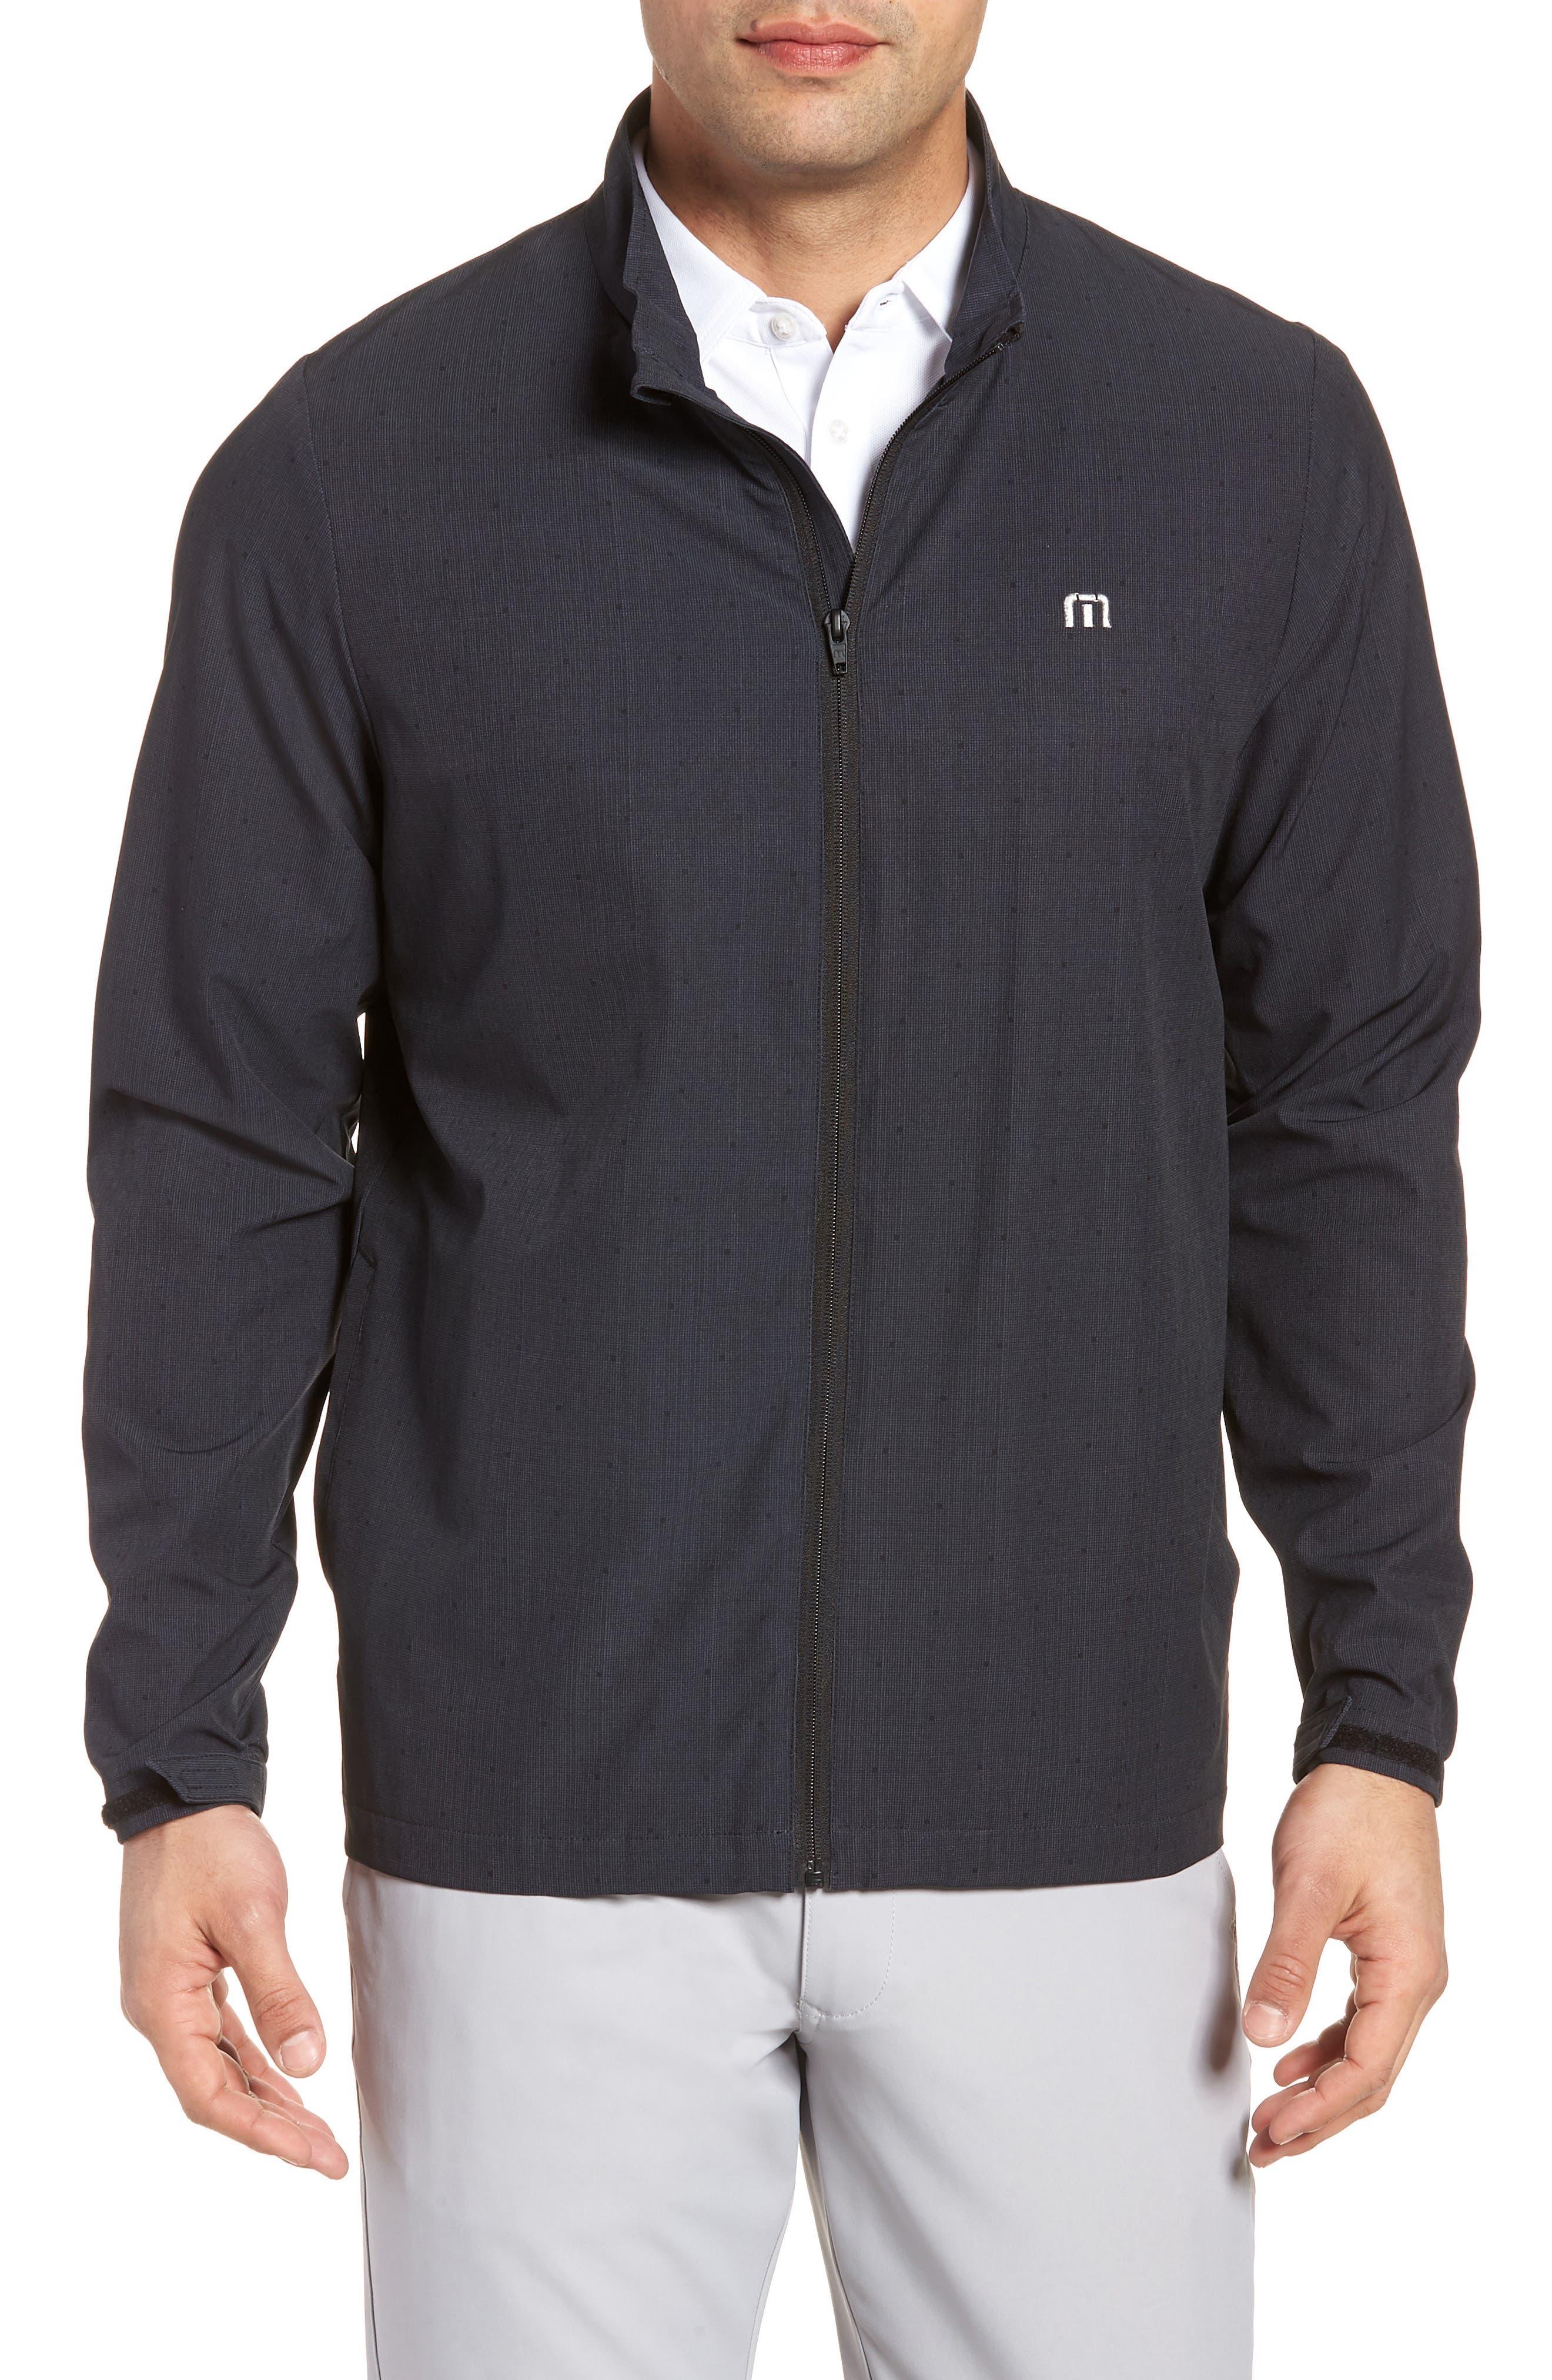 Agave Jacket,                         Main,                         color, Black